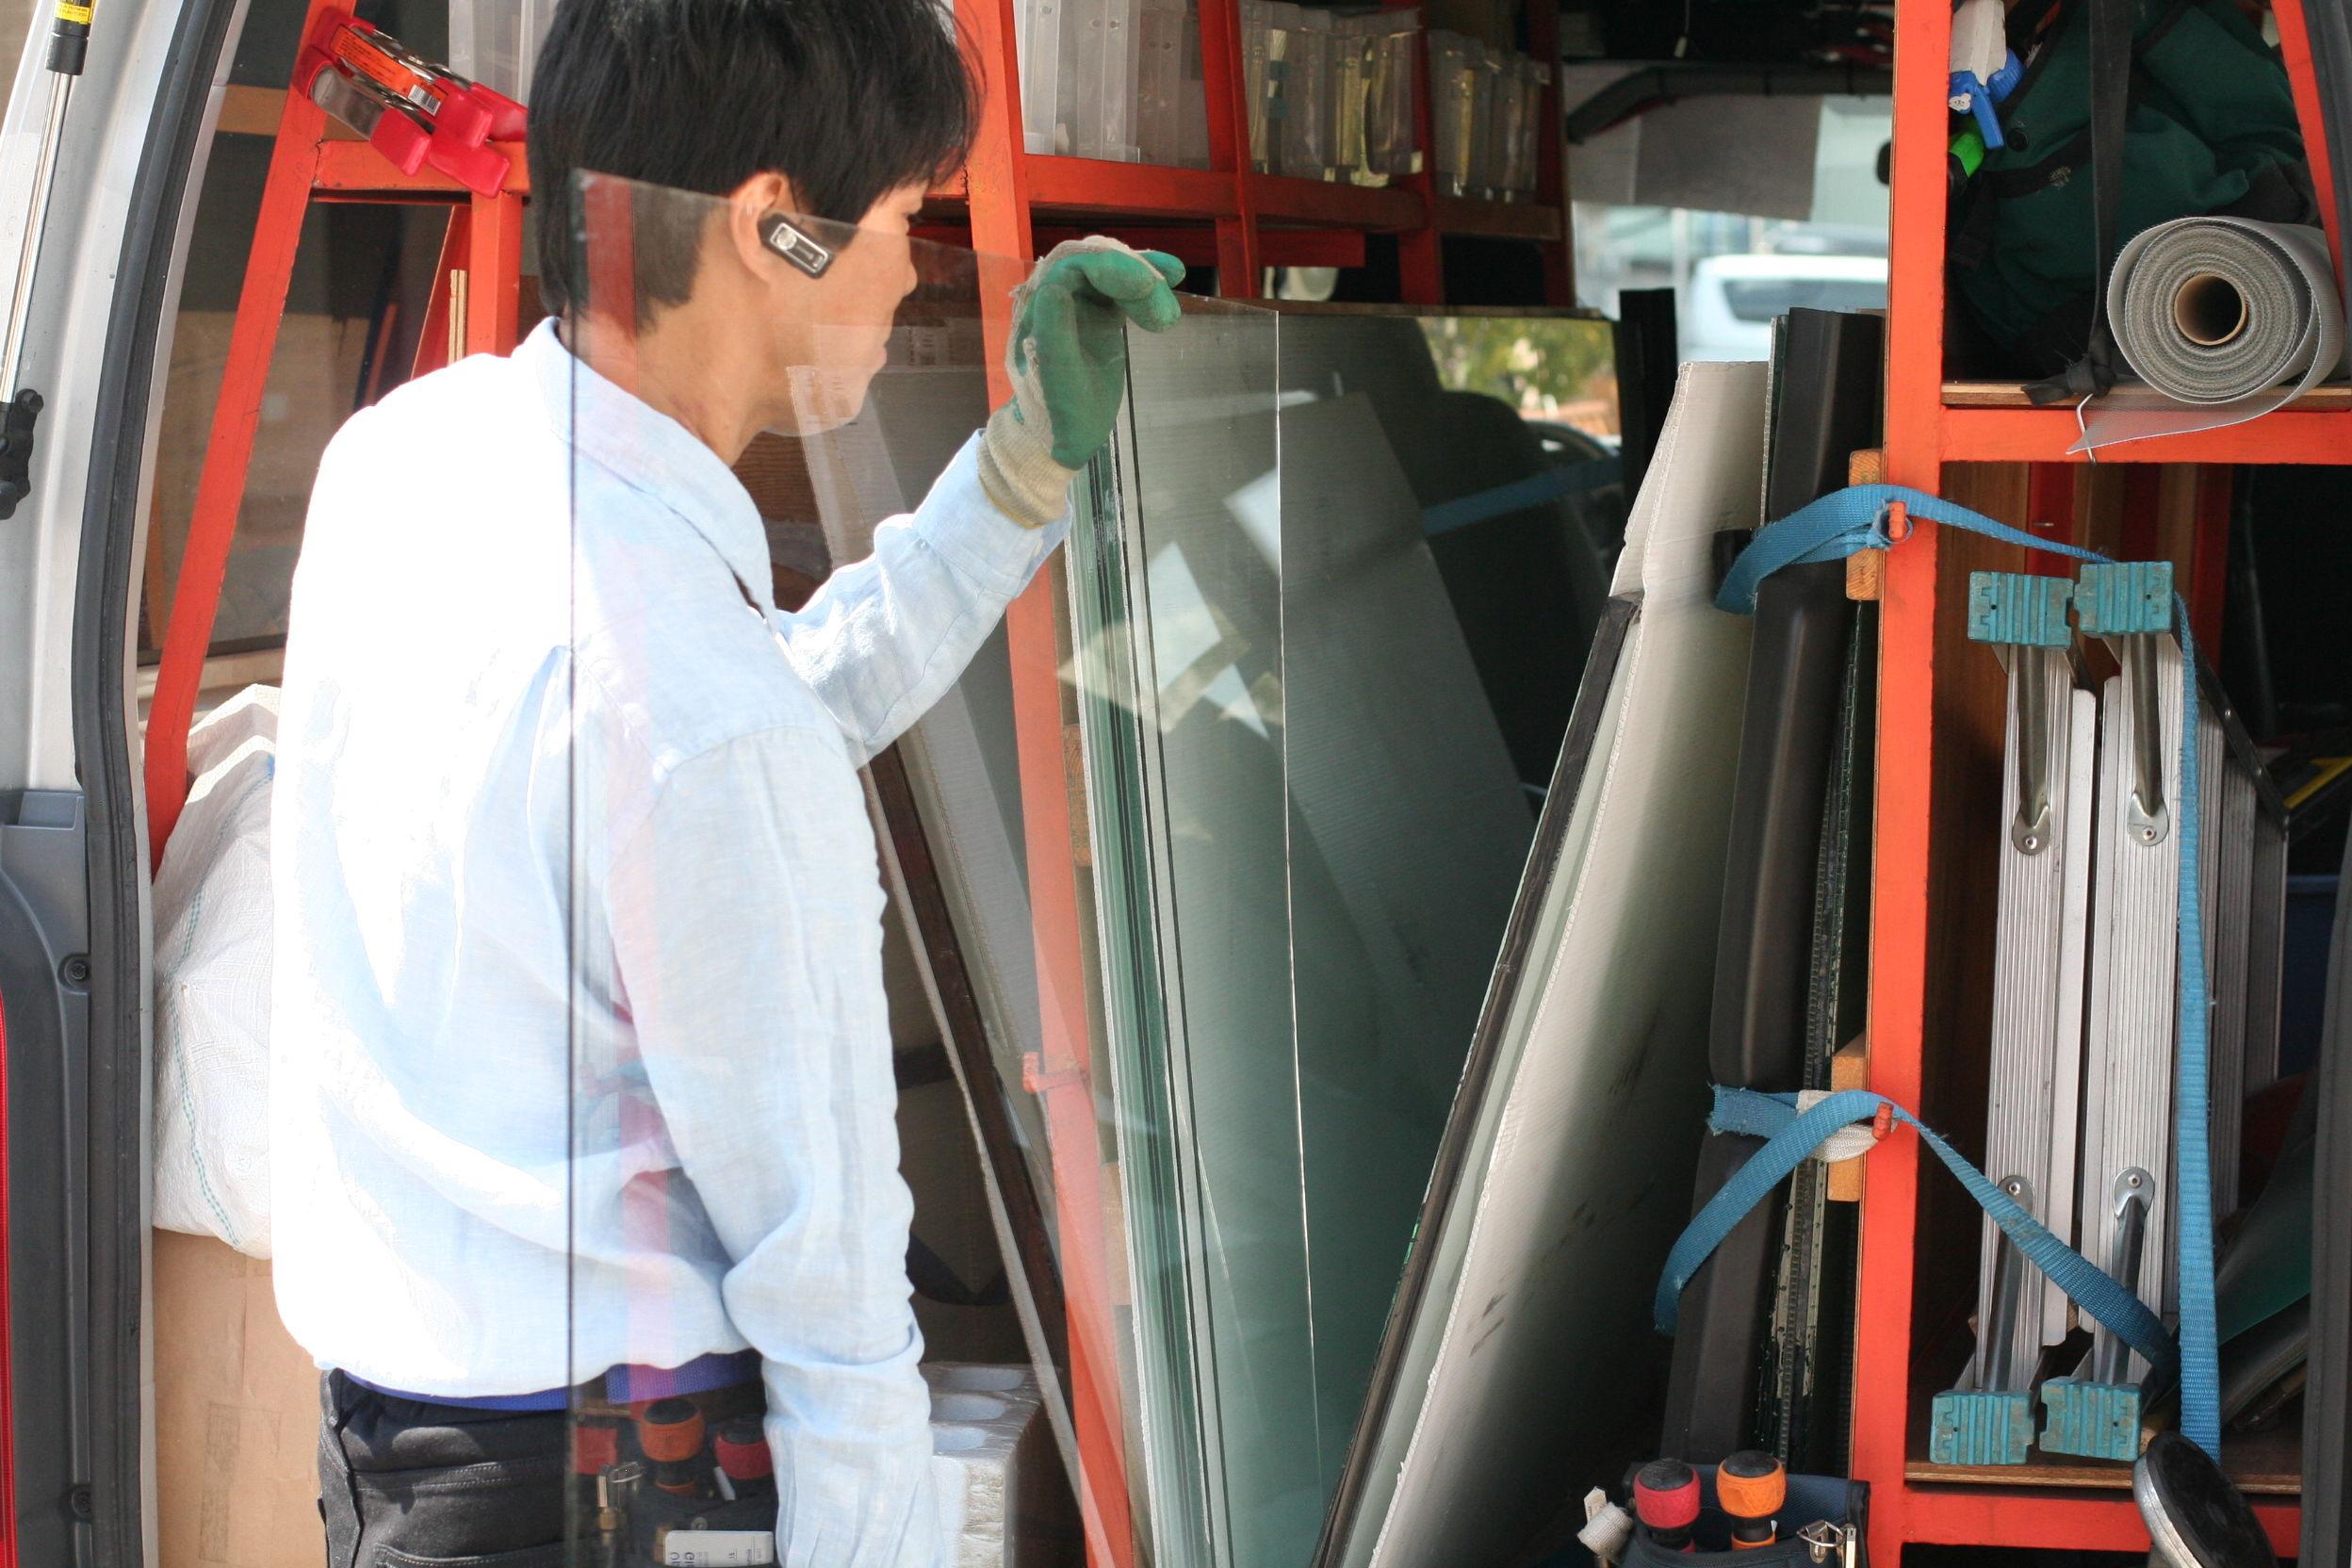 ガラスのトラブル救Q隊.24【大網白里市 出張エリア】のメイン画像